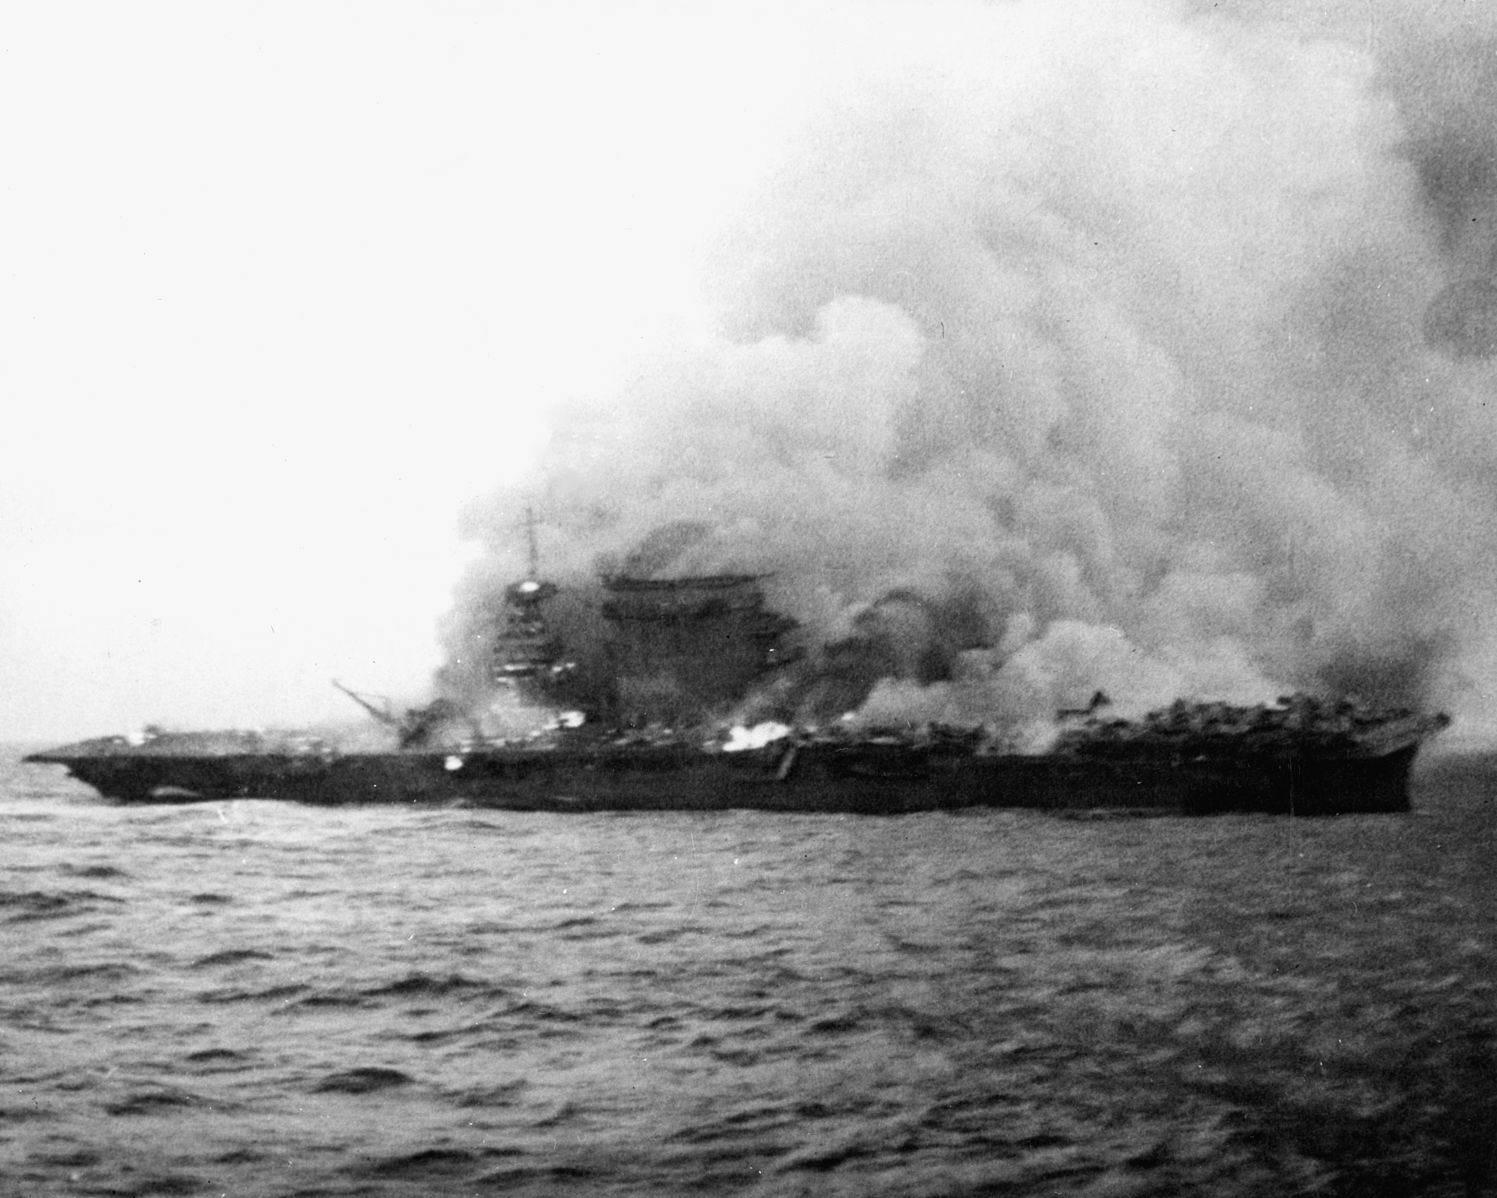 USS Lexington brennt - Le USS Lexington brûle et coule. Photo prise peu de temps après que son personnel de bord ait quitté le navire. On peut encore voir des avions en queue de navire, qui n'ont pas été touchés